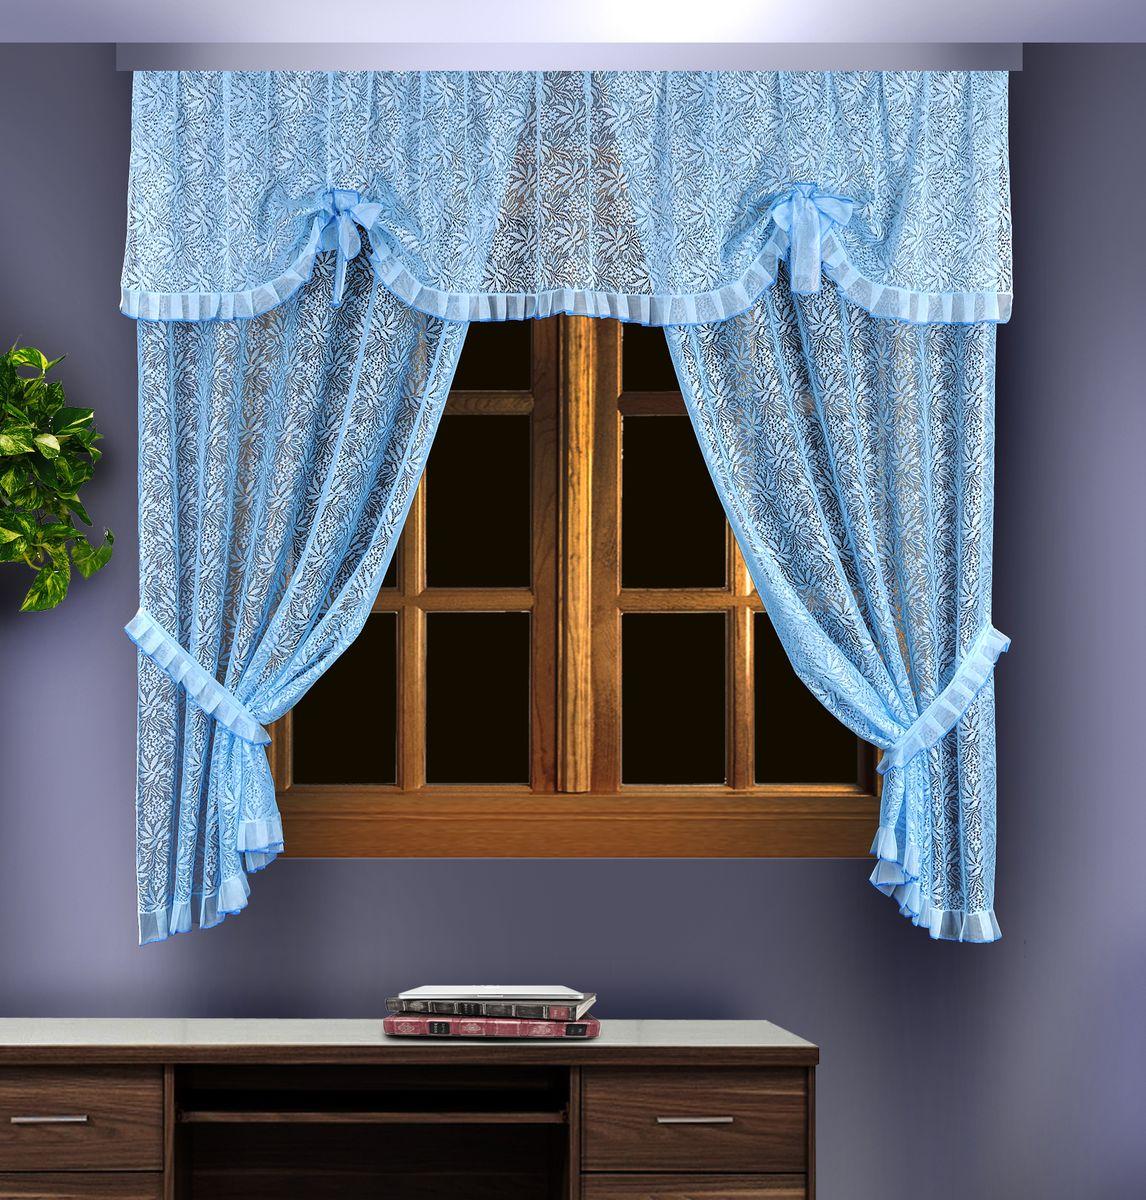 Комплект штор для кухни Zlata Korunka, цвет: голубой, высота 180 см. 88836 шторы для кухни drdeco комплект штор basilic дизайн 9